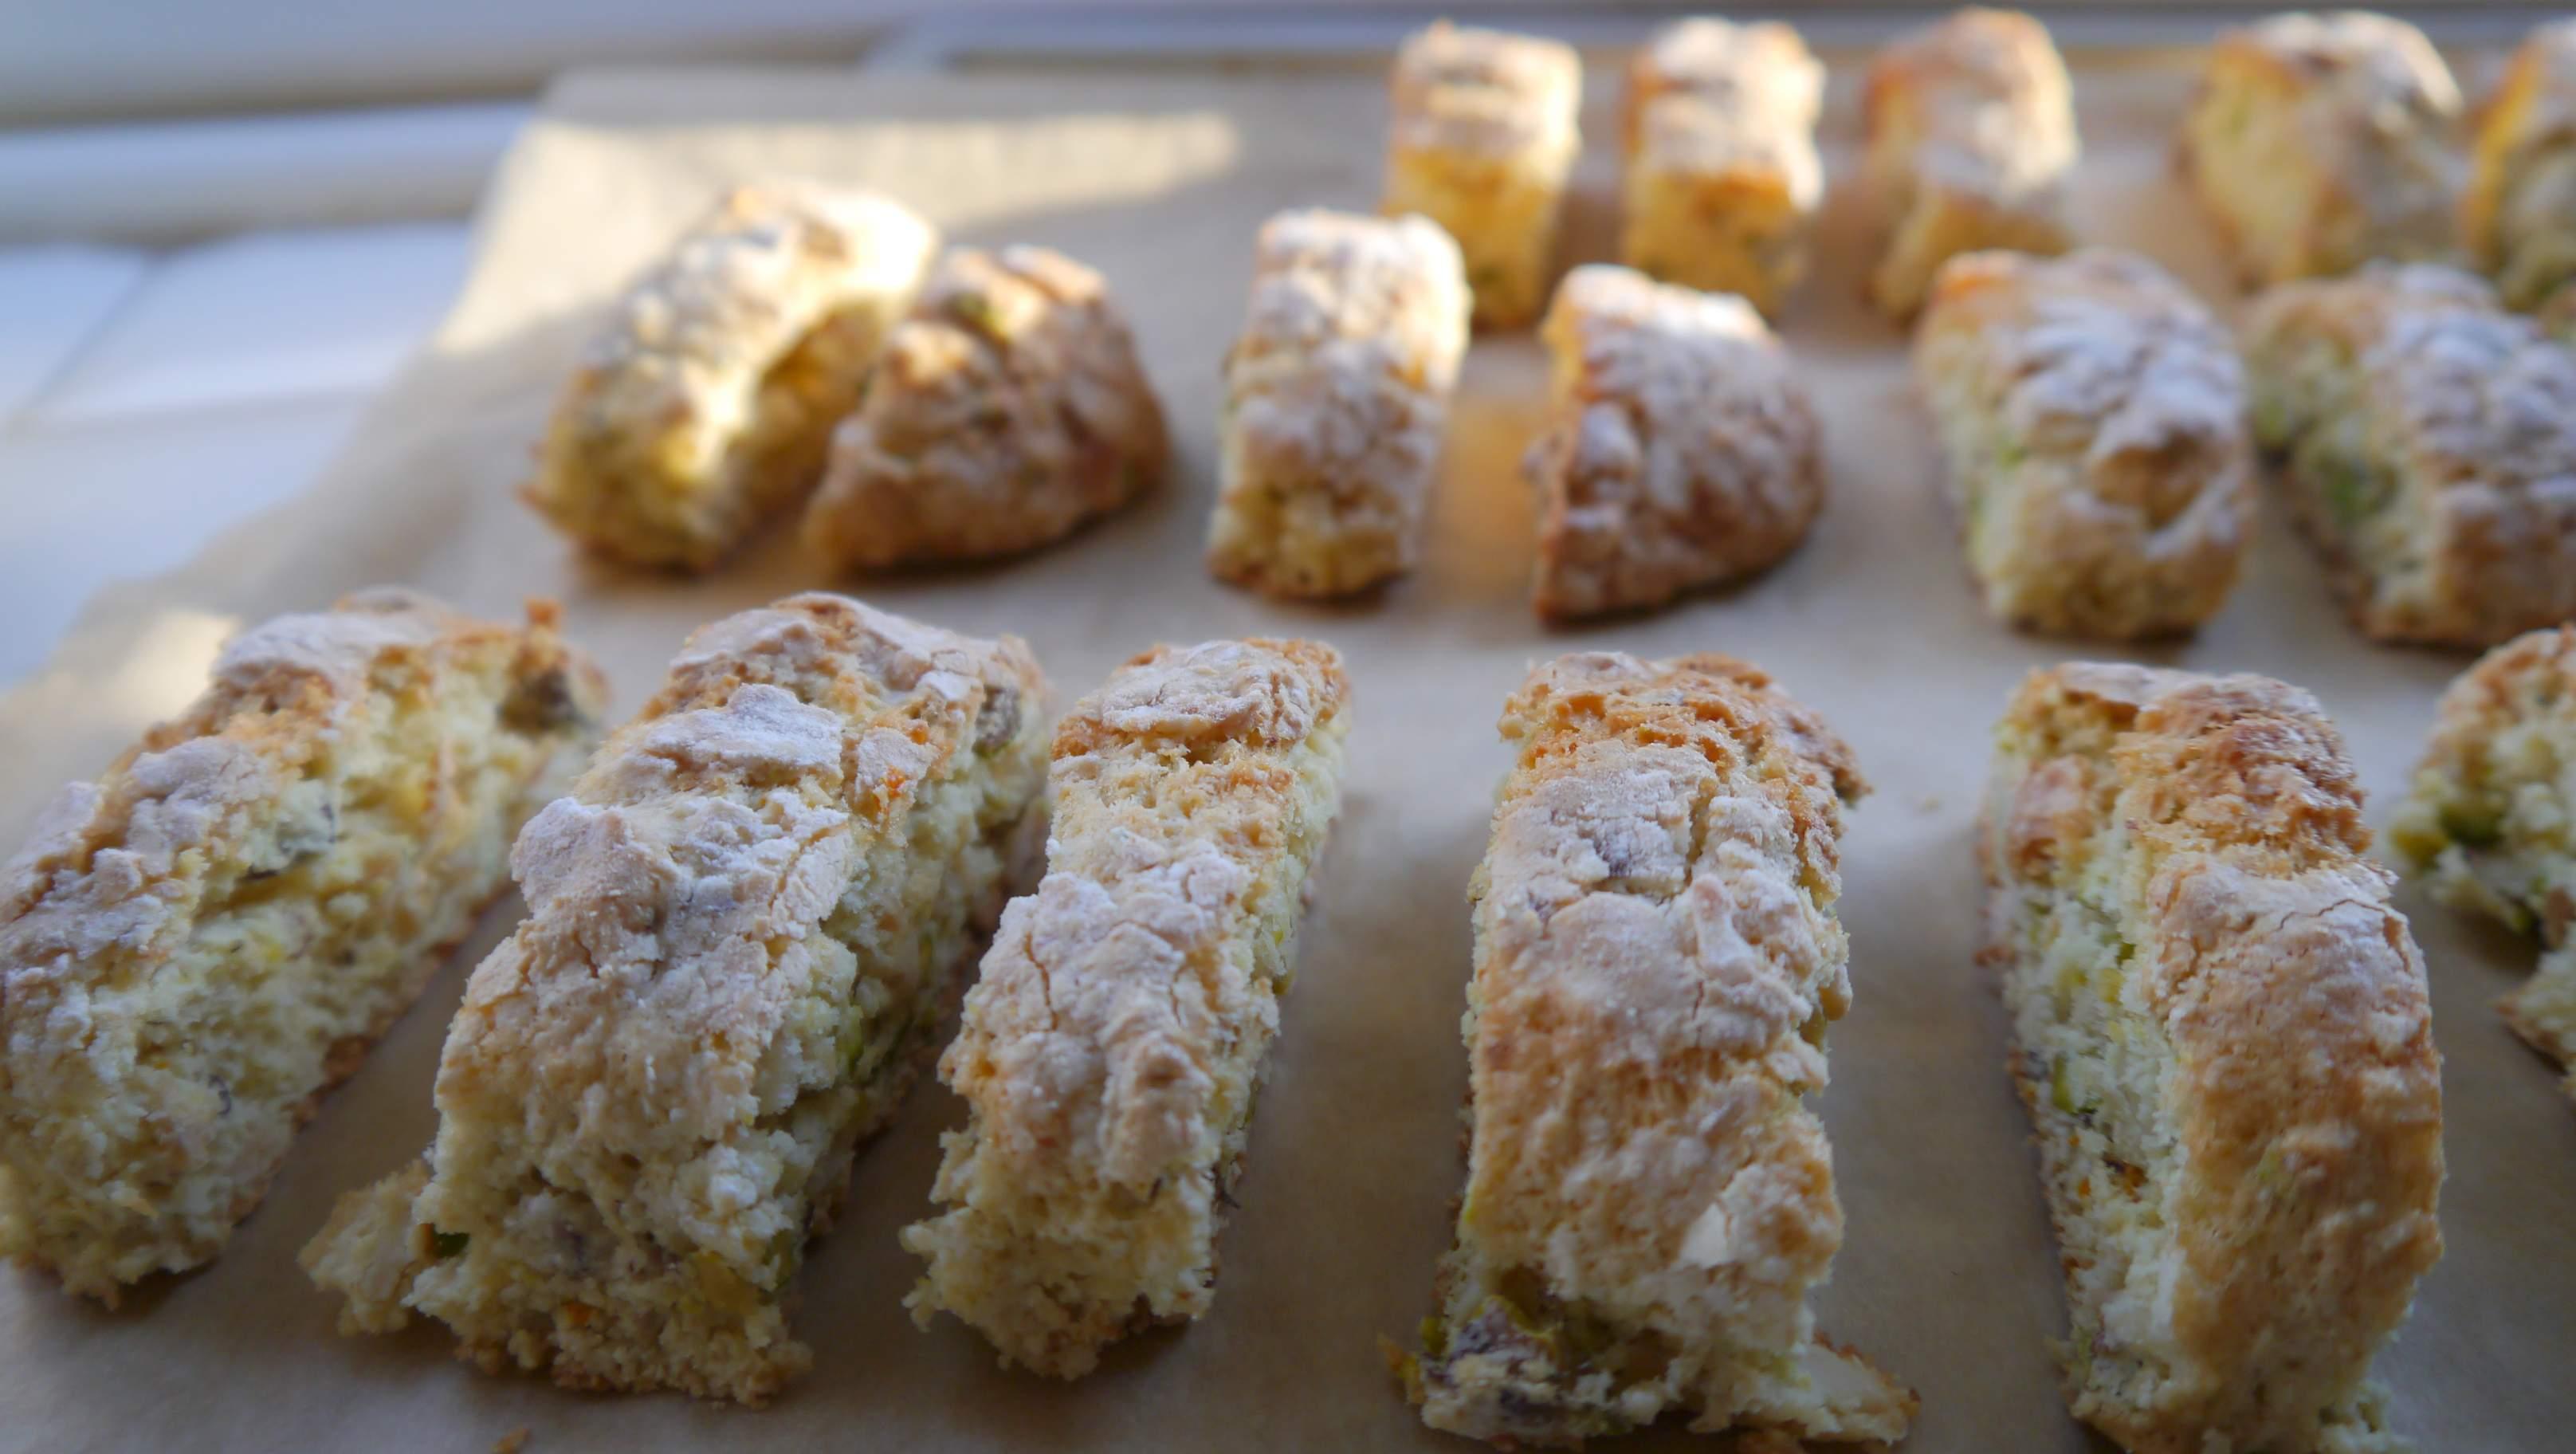 Almond and Pistachio Biscotti